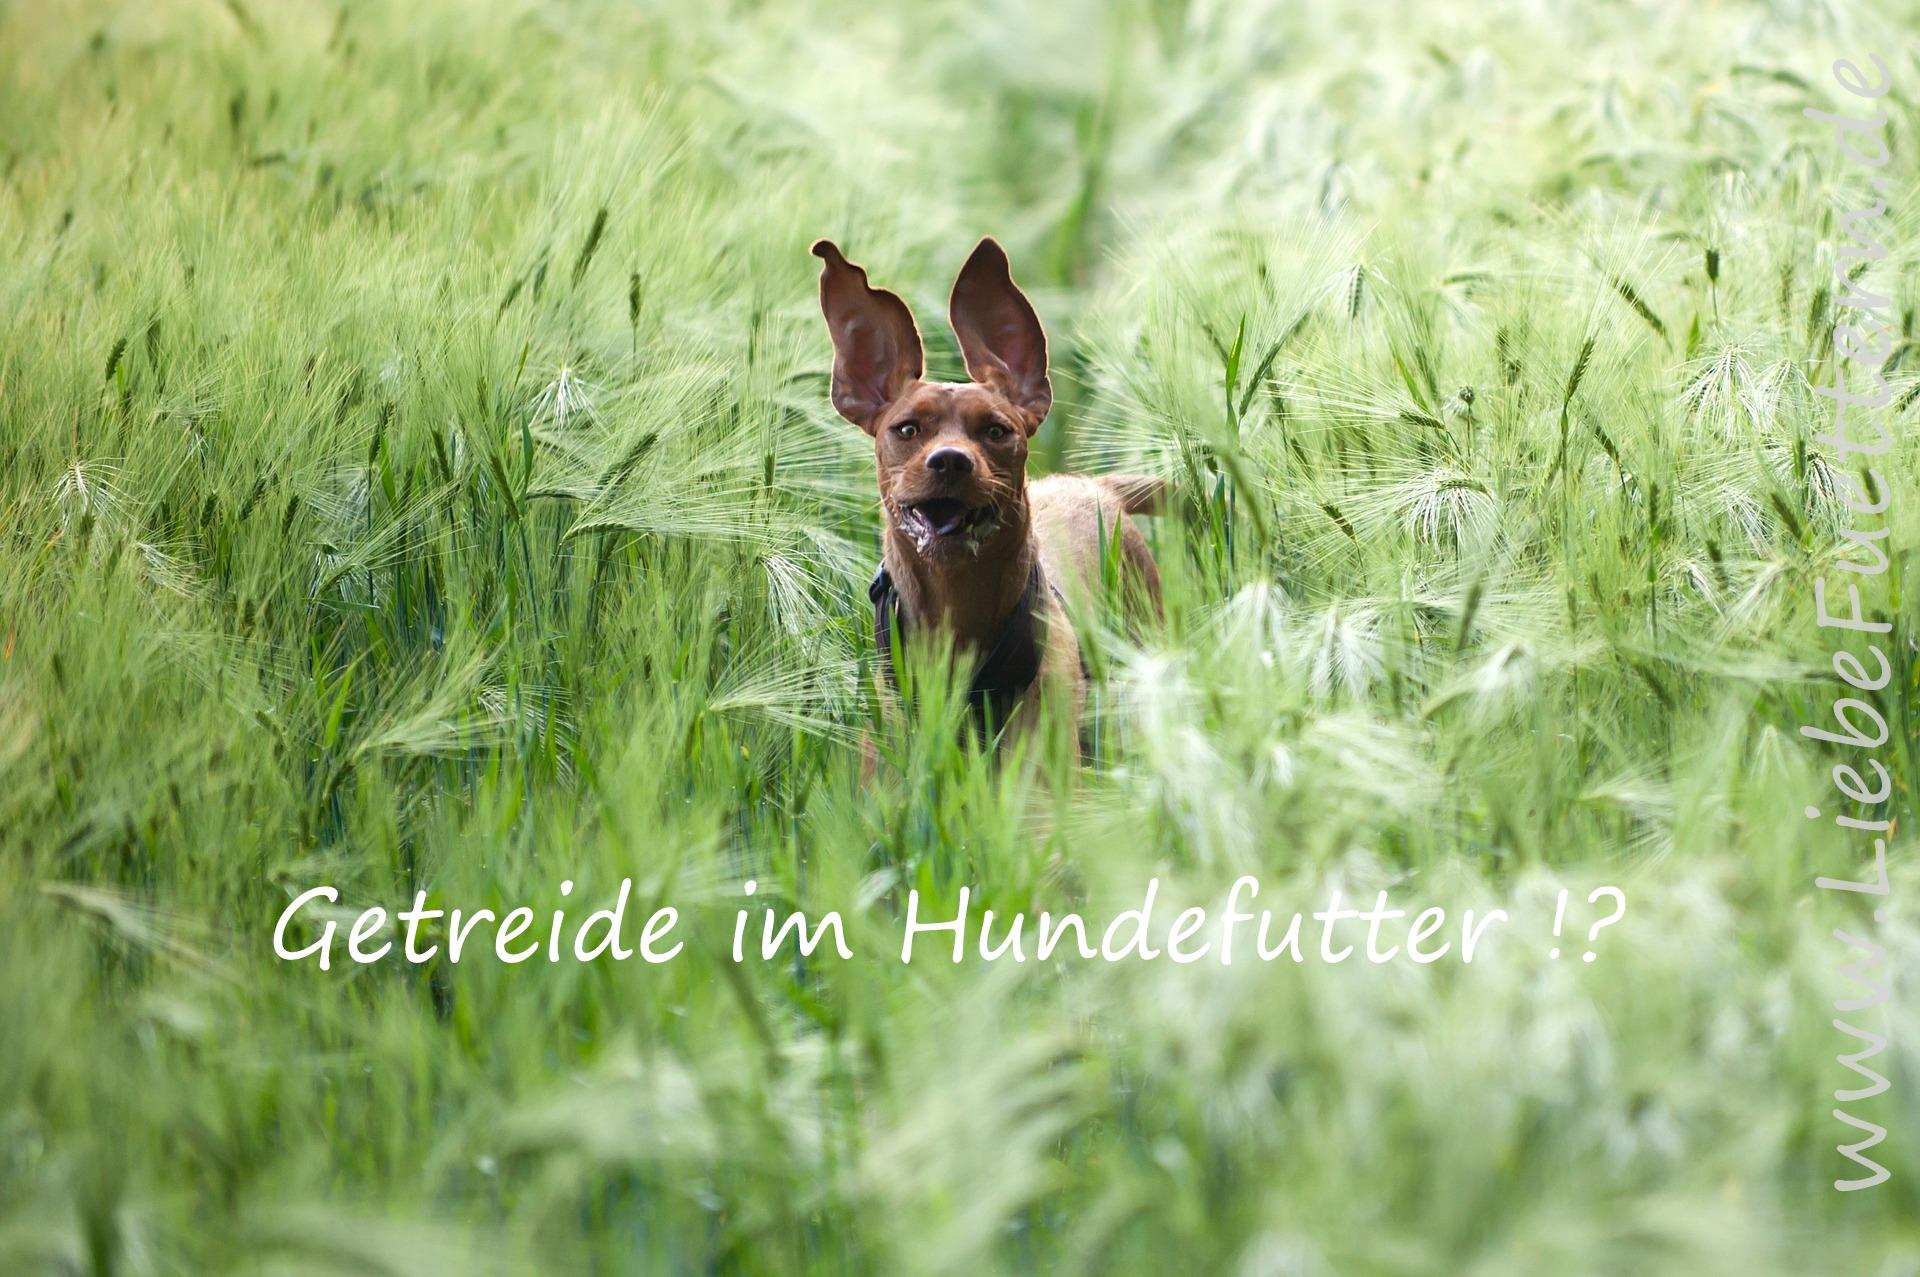 Getreide im Hundefutter - getreidefreies Hundefutter !? (TEIL 1 / 2)